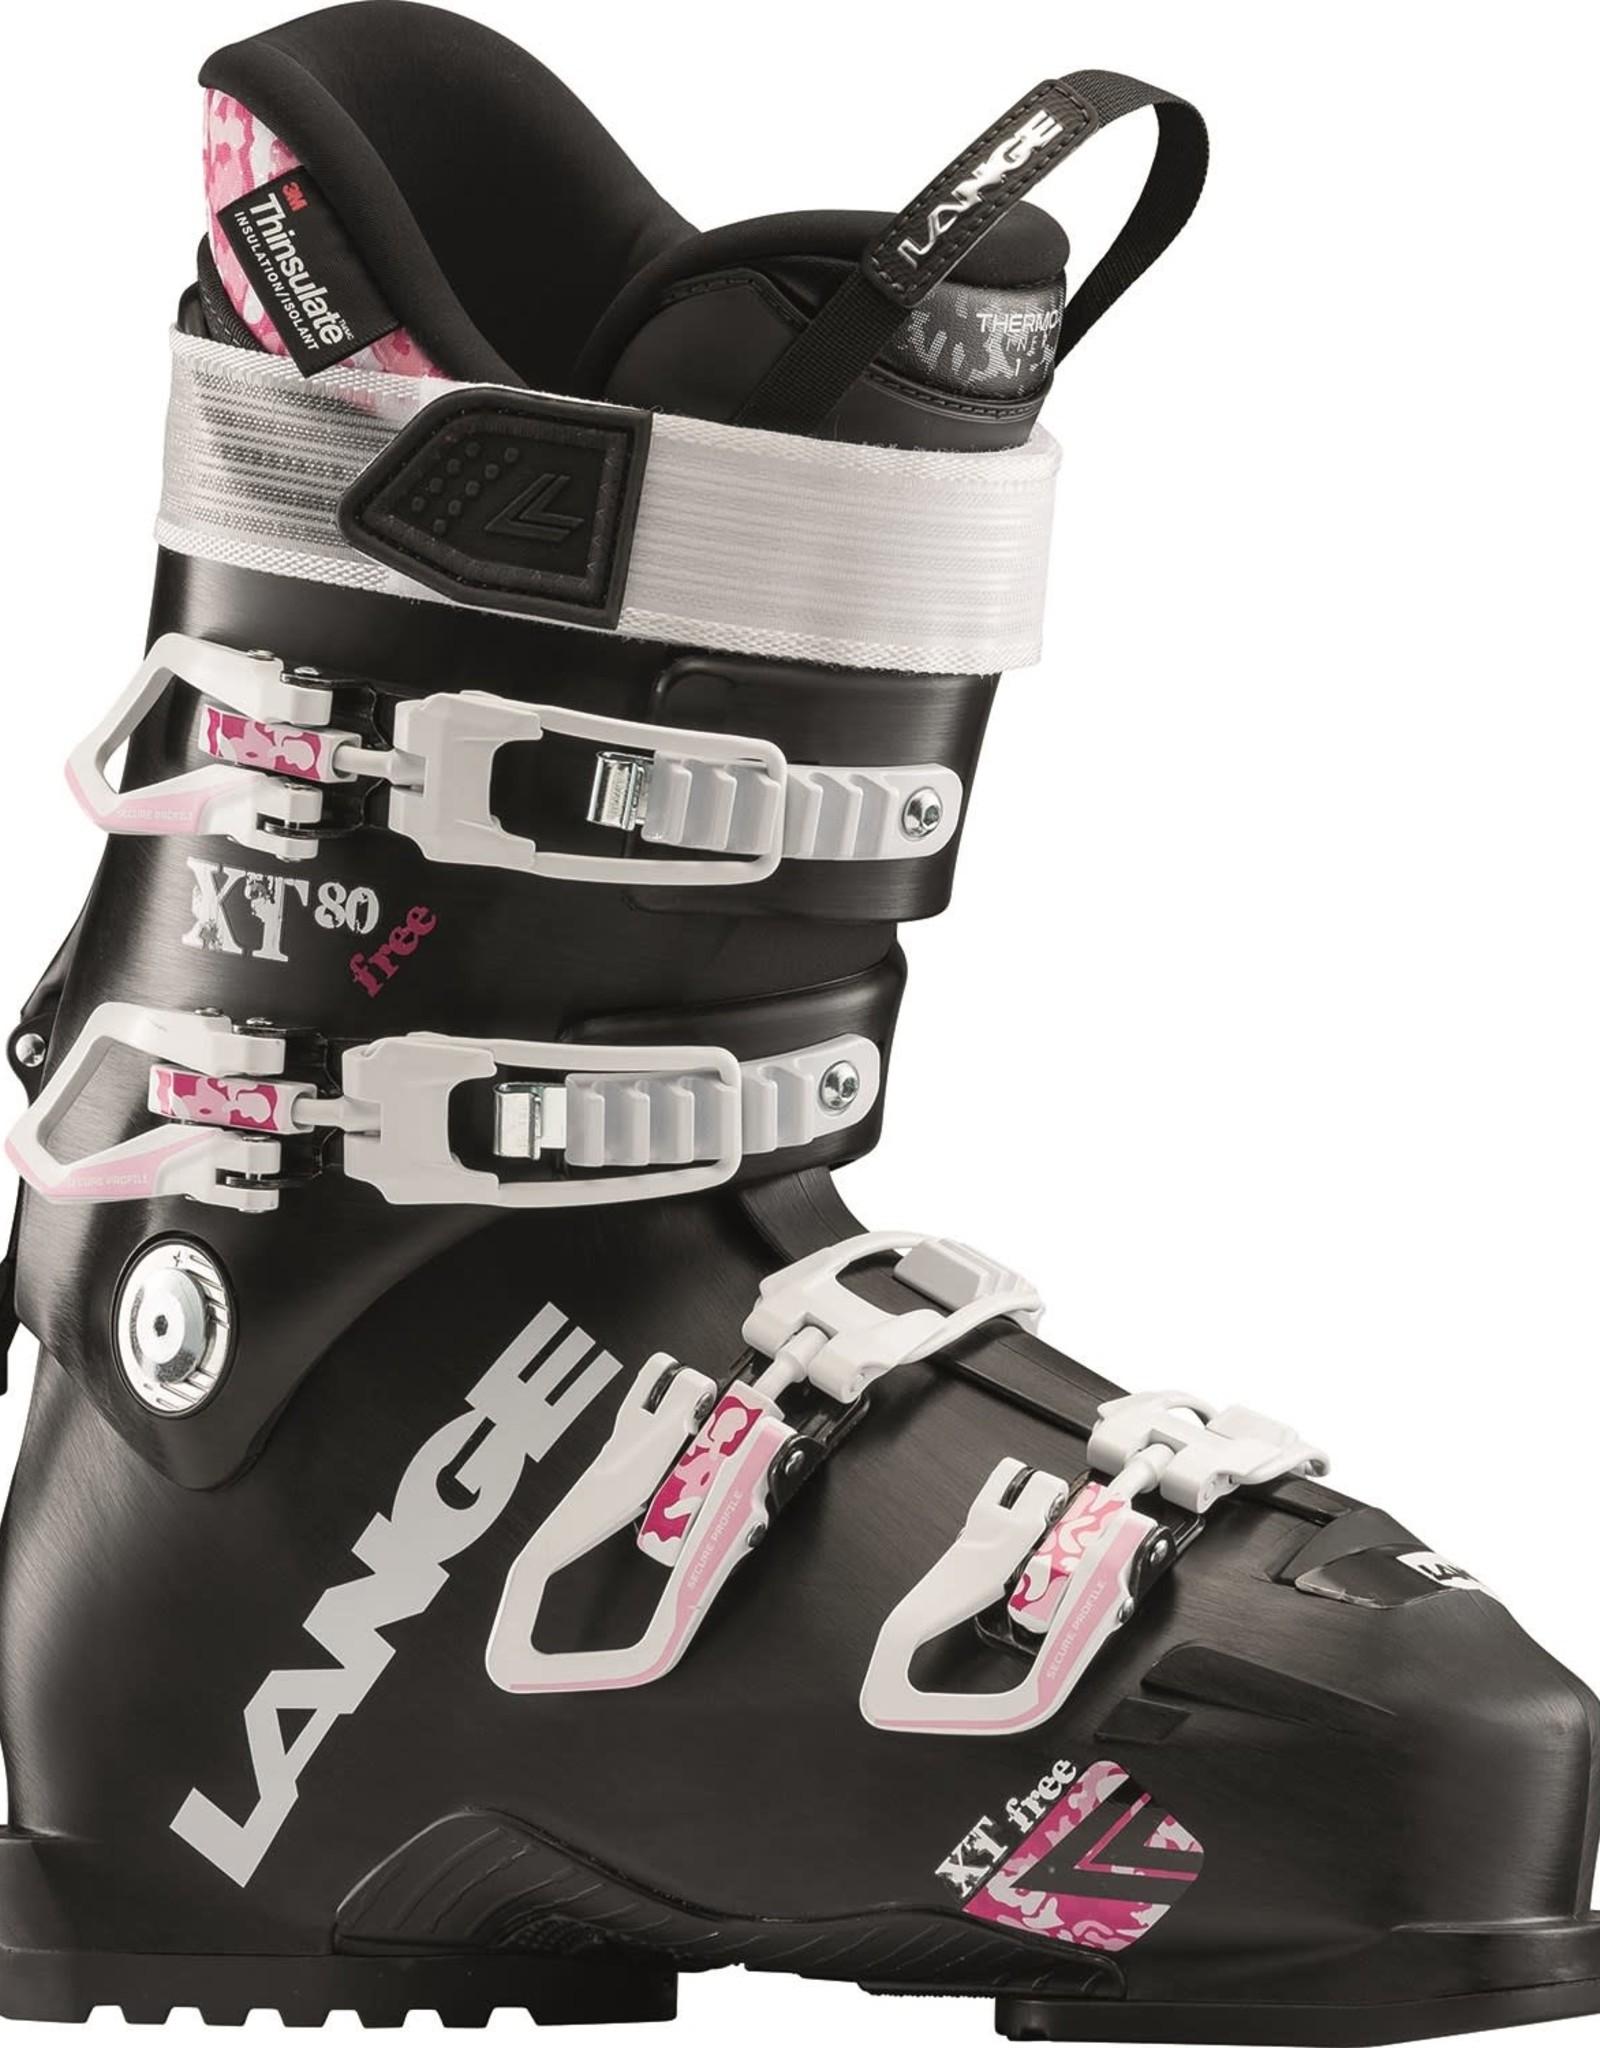 Lange LANGE Ski Boots XT 80 W FREE (19/20)